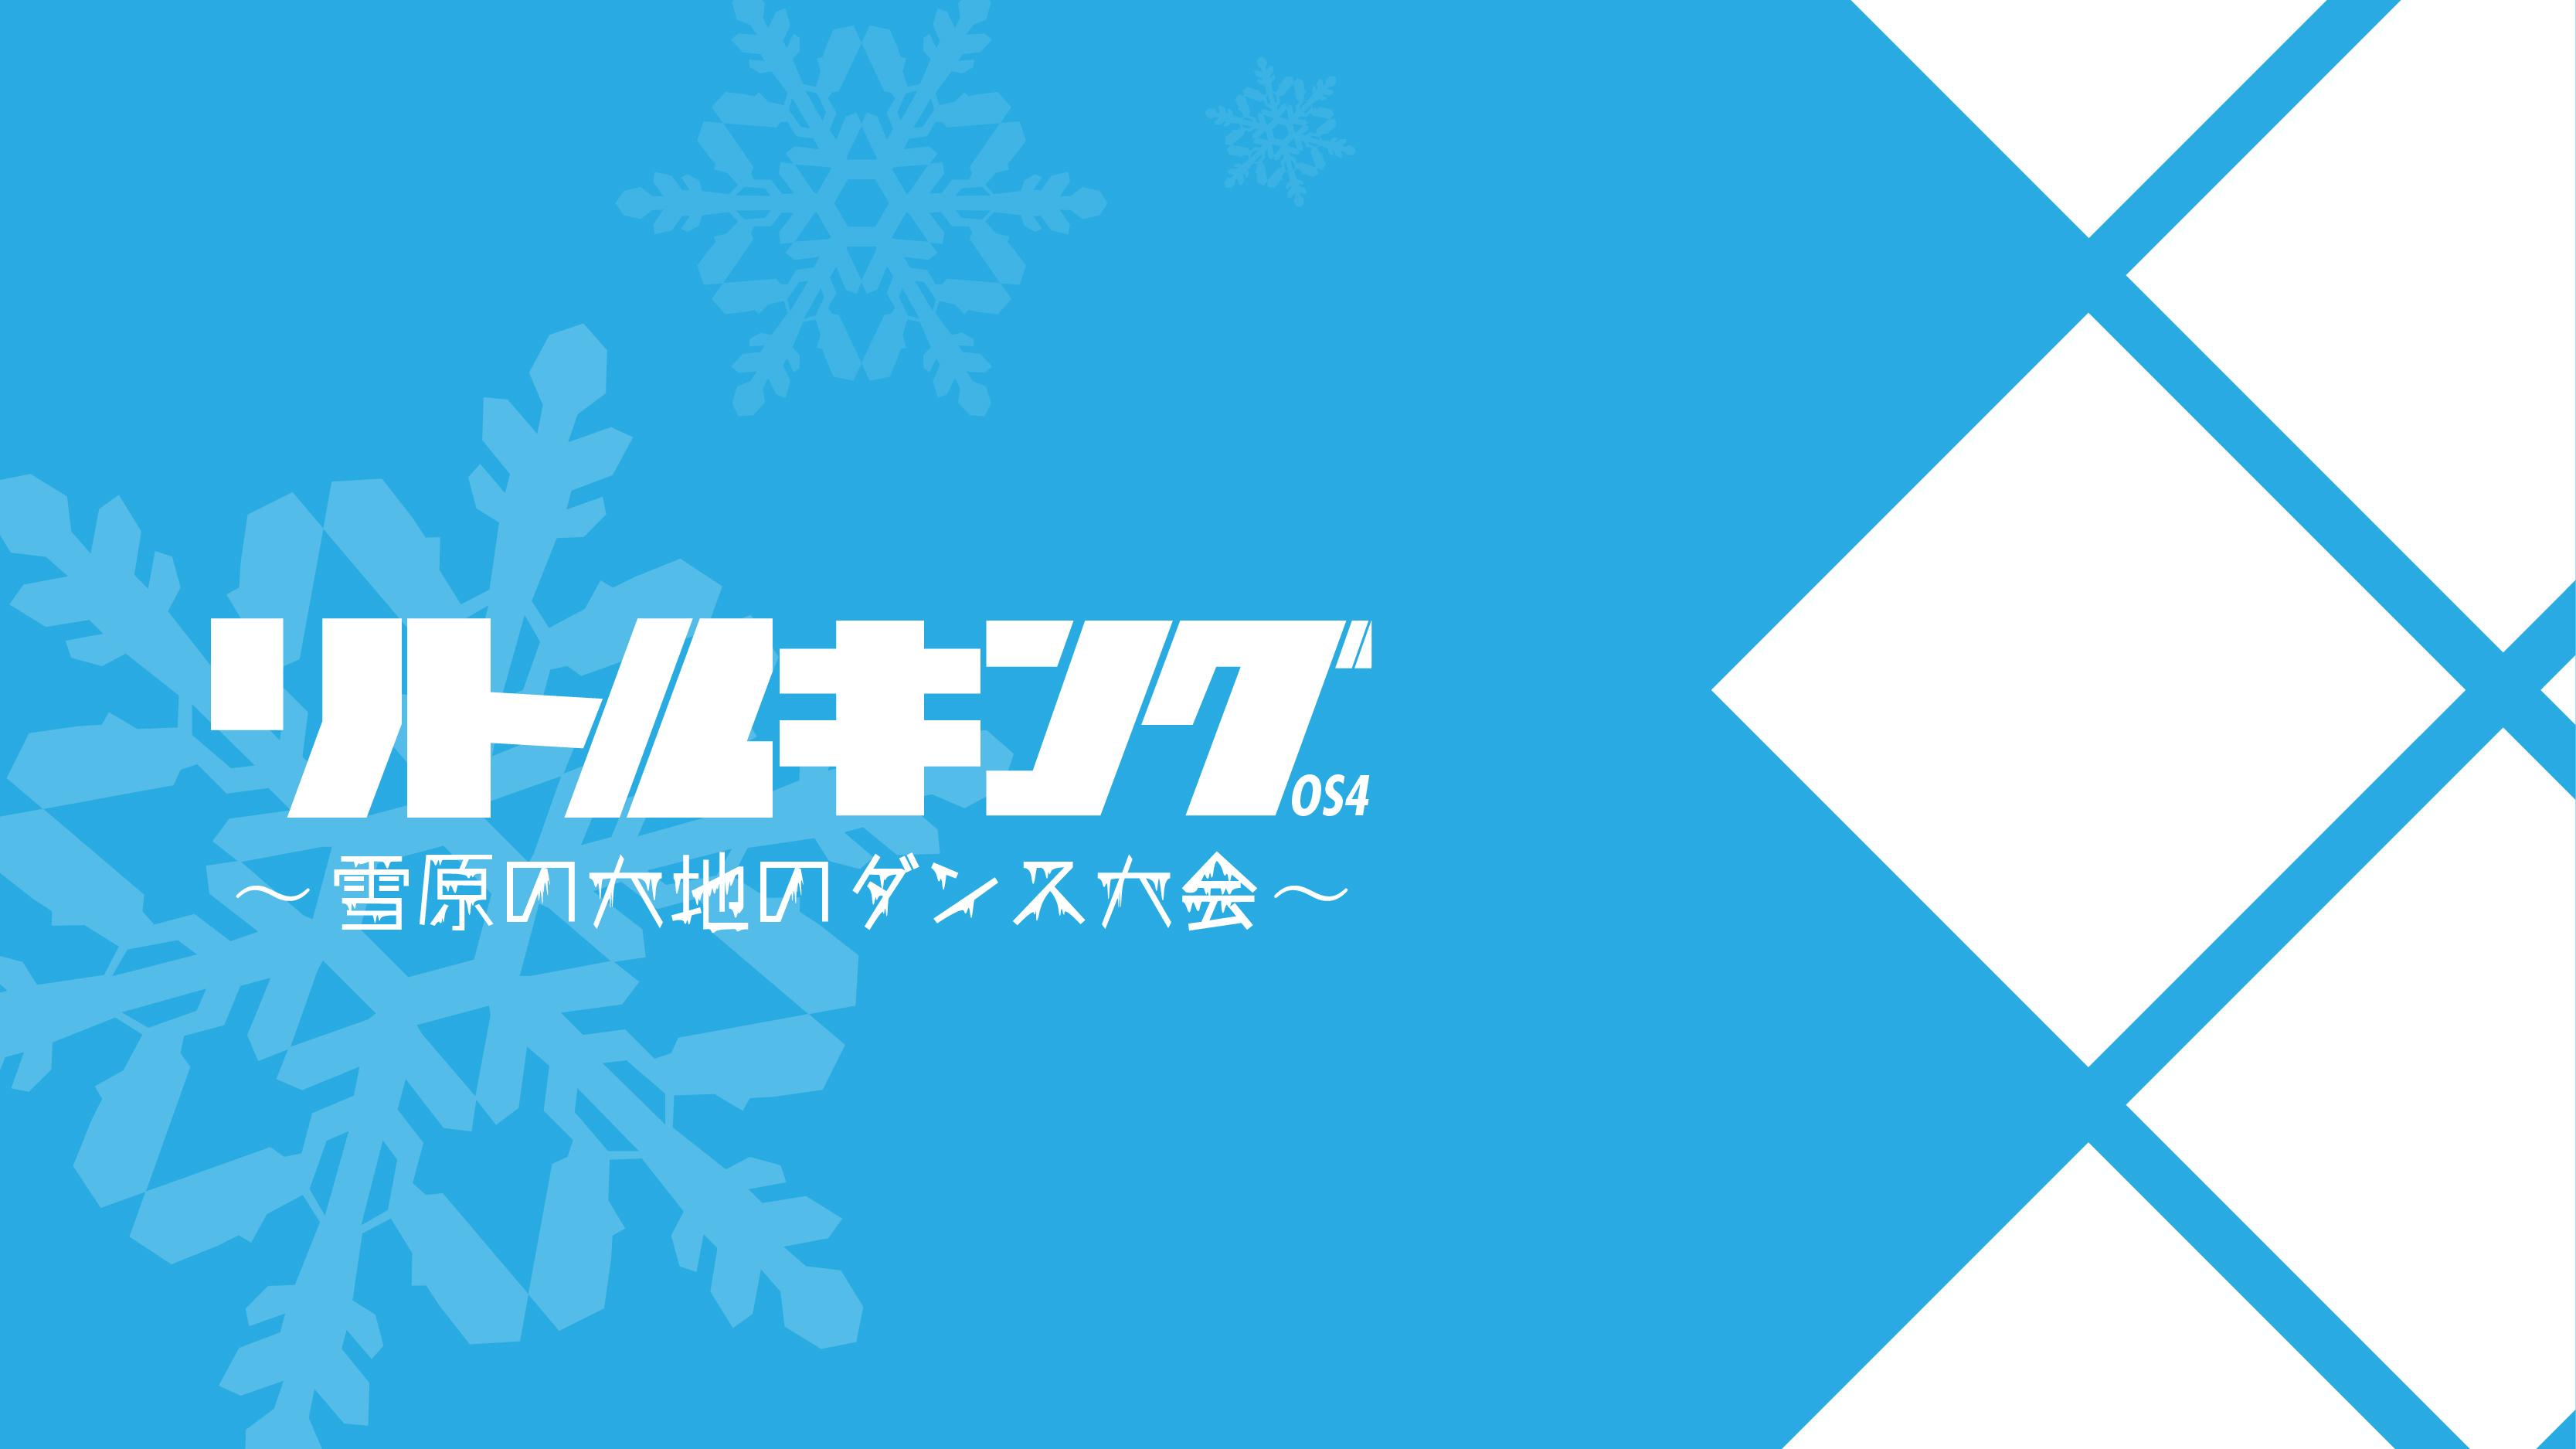 リトルキングOS4〜雪原の大地のダンス大会〜